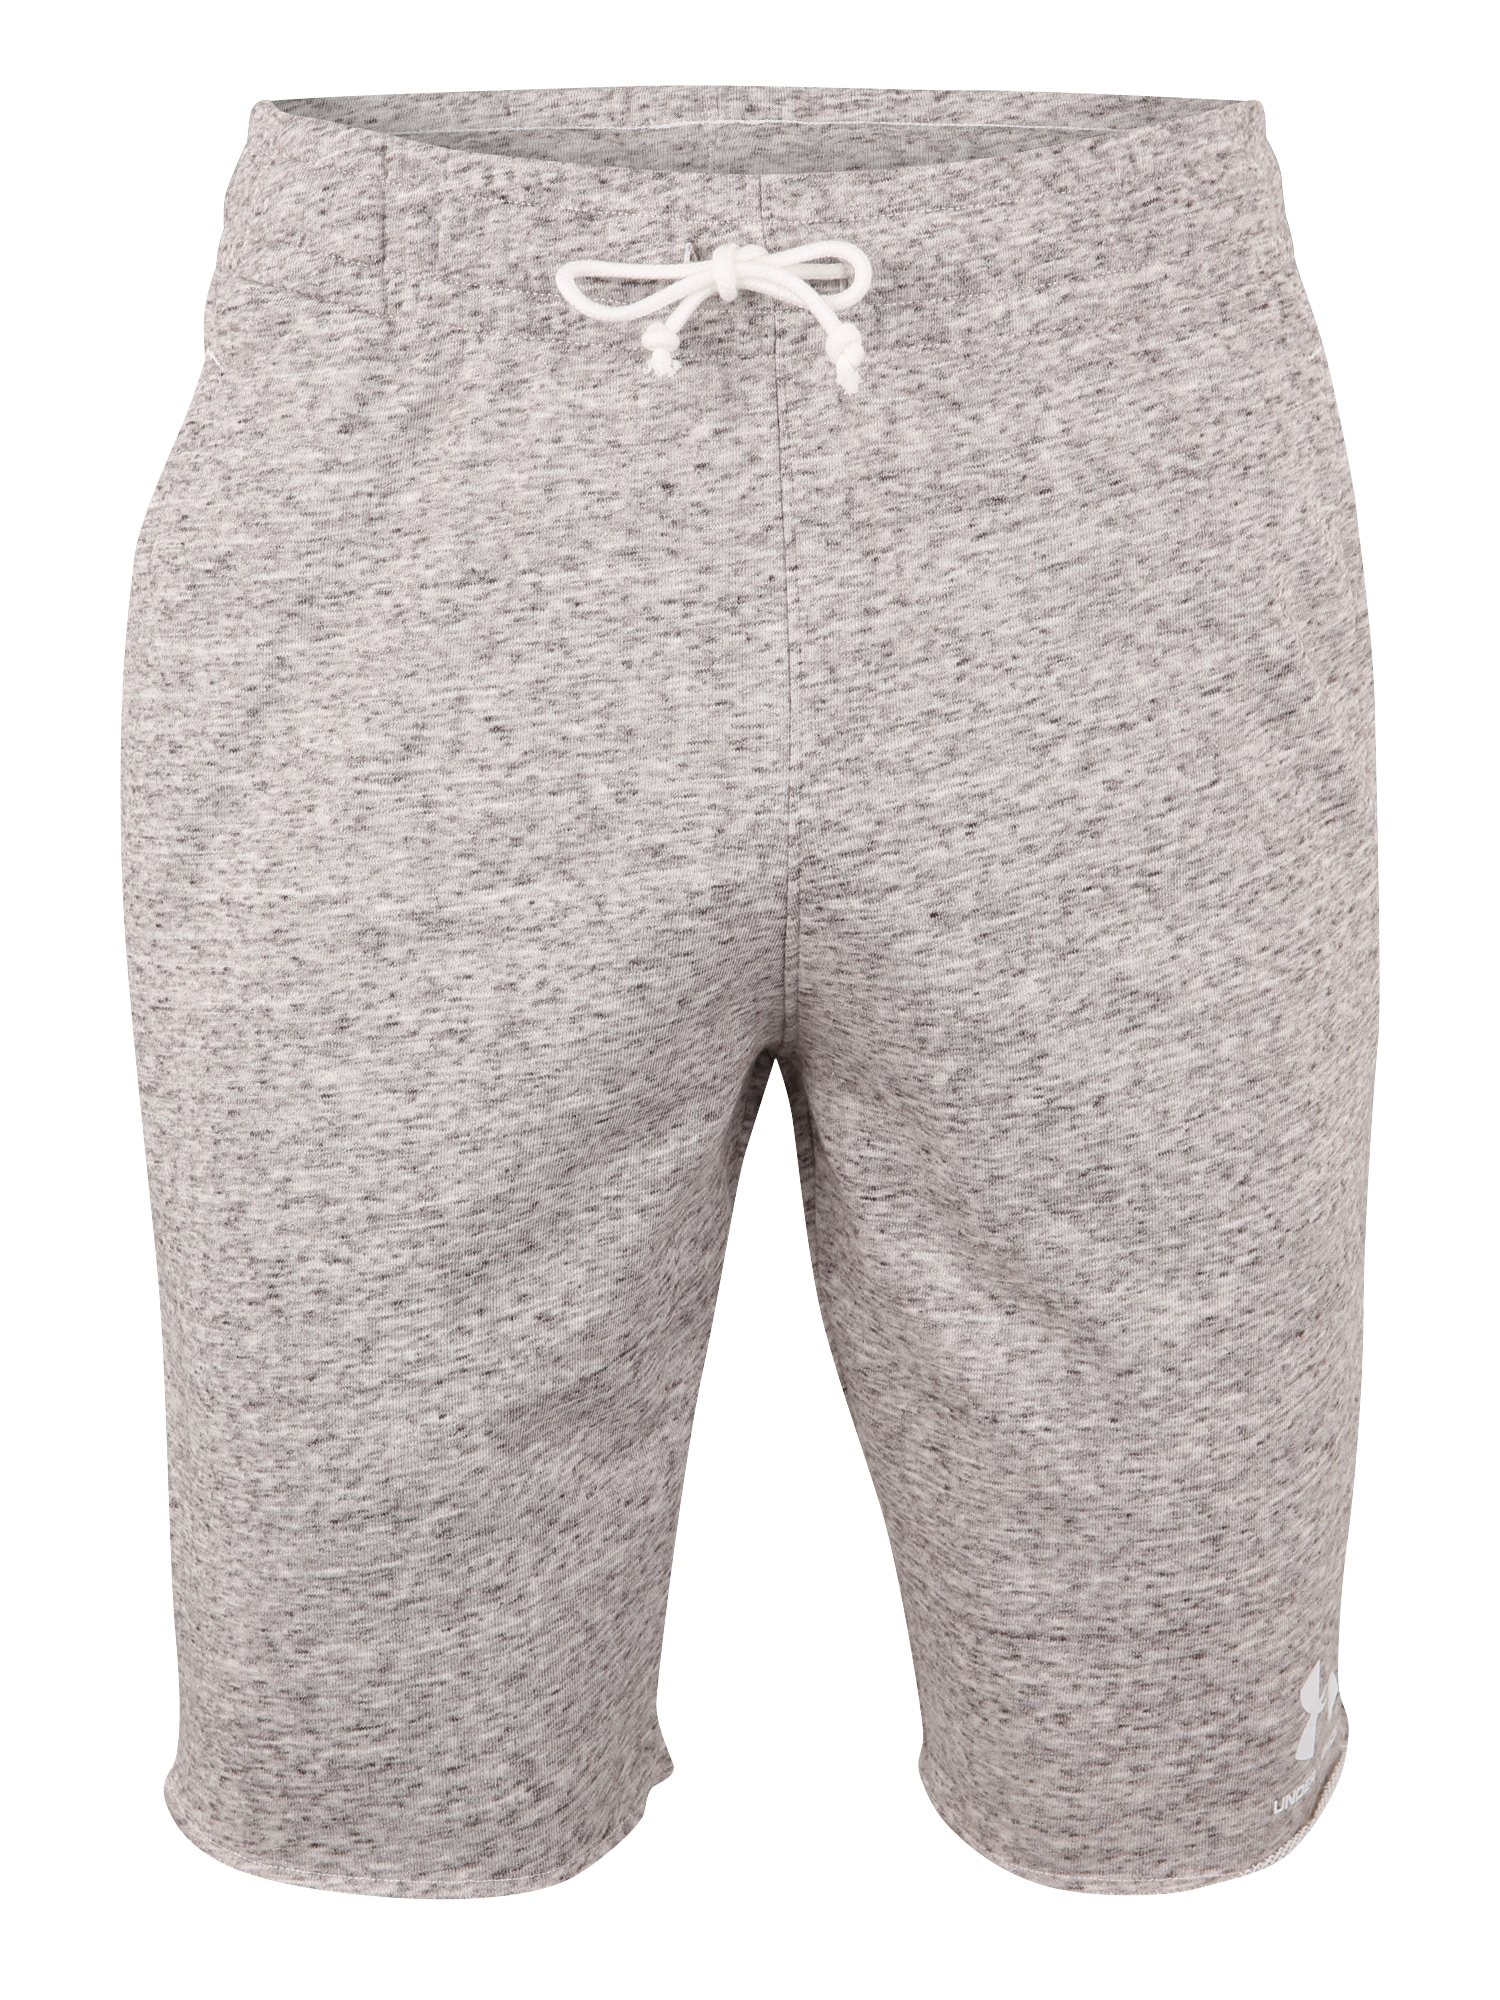 UNDER ARMOUR Sportinės kelnės 'SPORTSTYLE TERRY' balta / šviesiai pilka